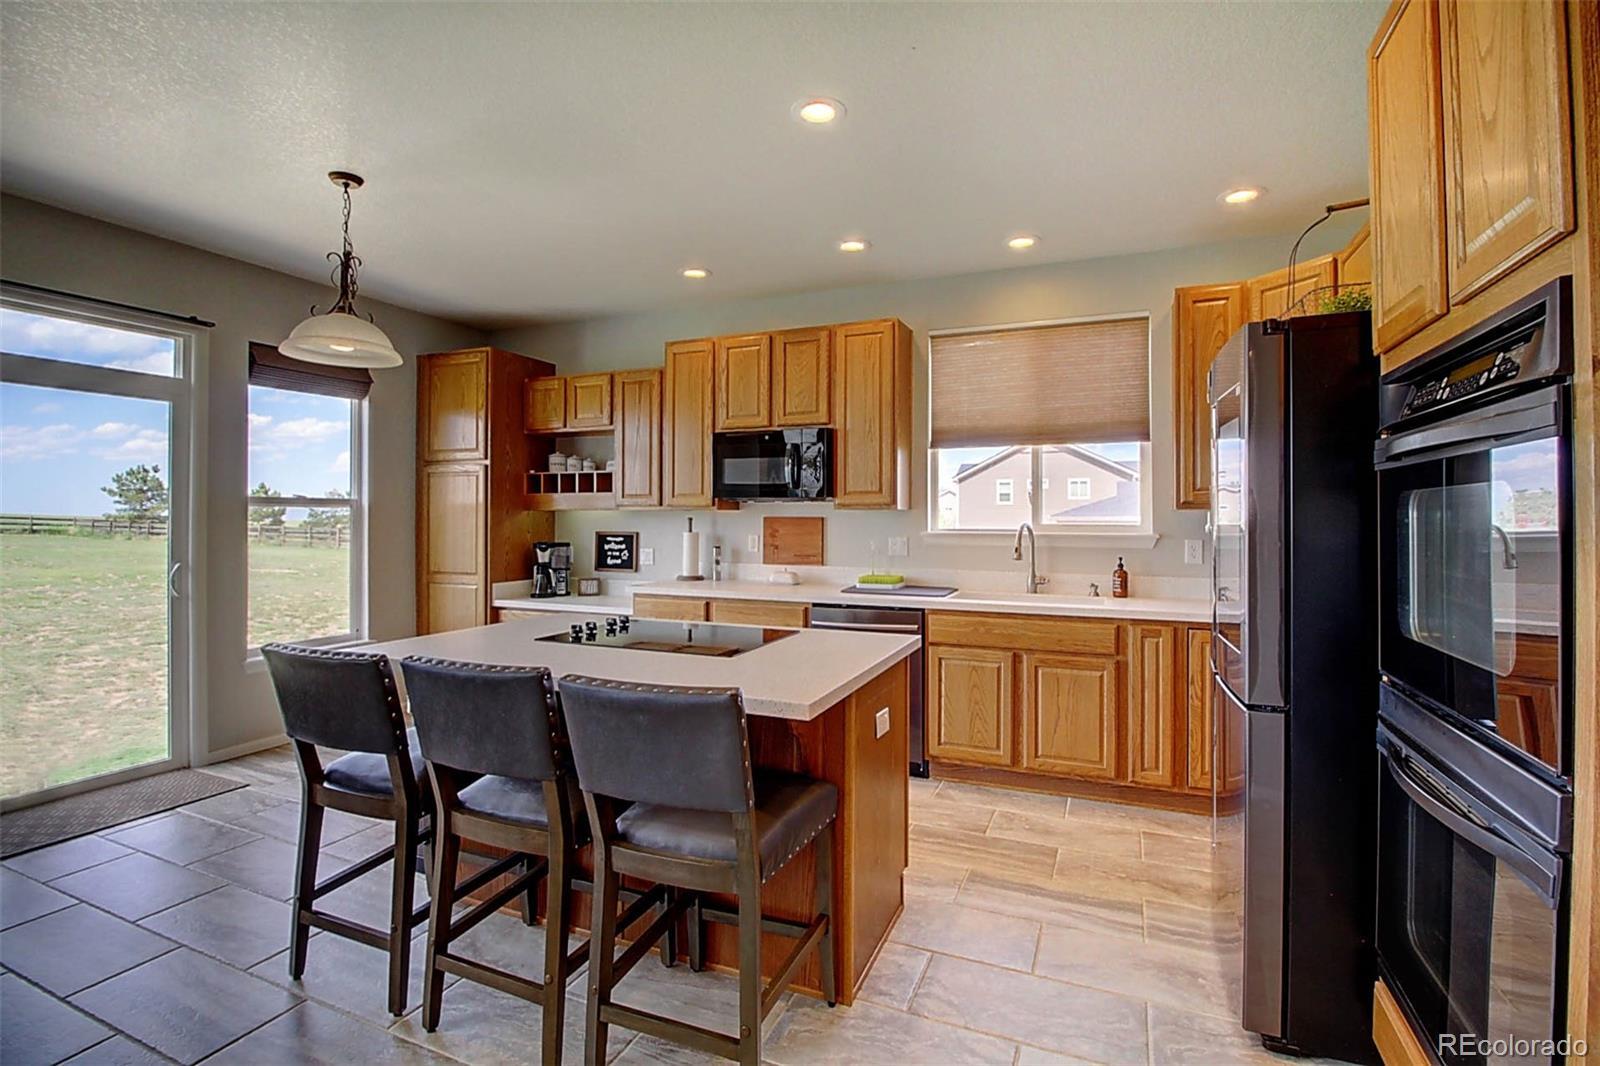 MLS# 9971596 - 7 - 49435 Antelope Drive, Bennett, CO 80102